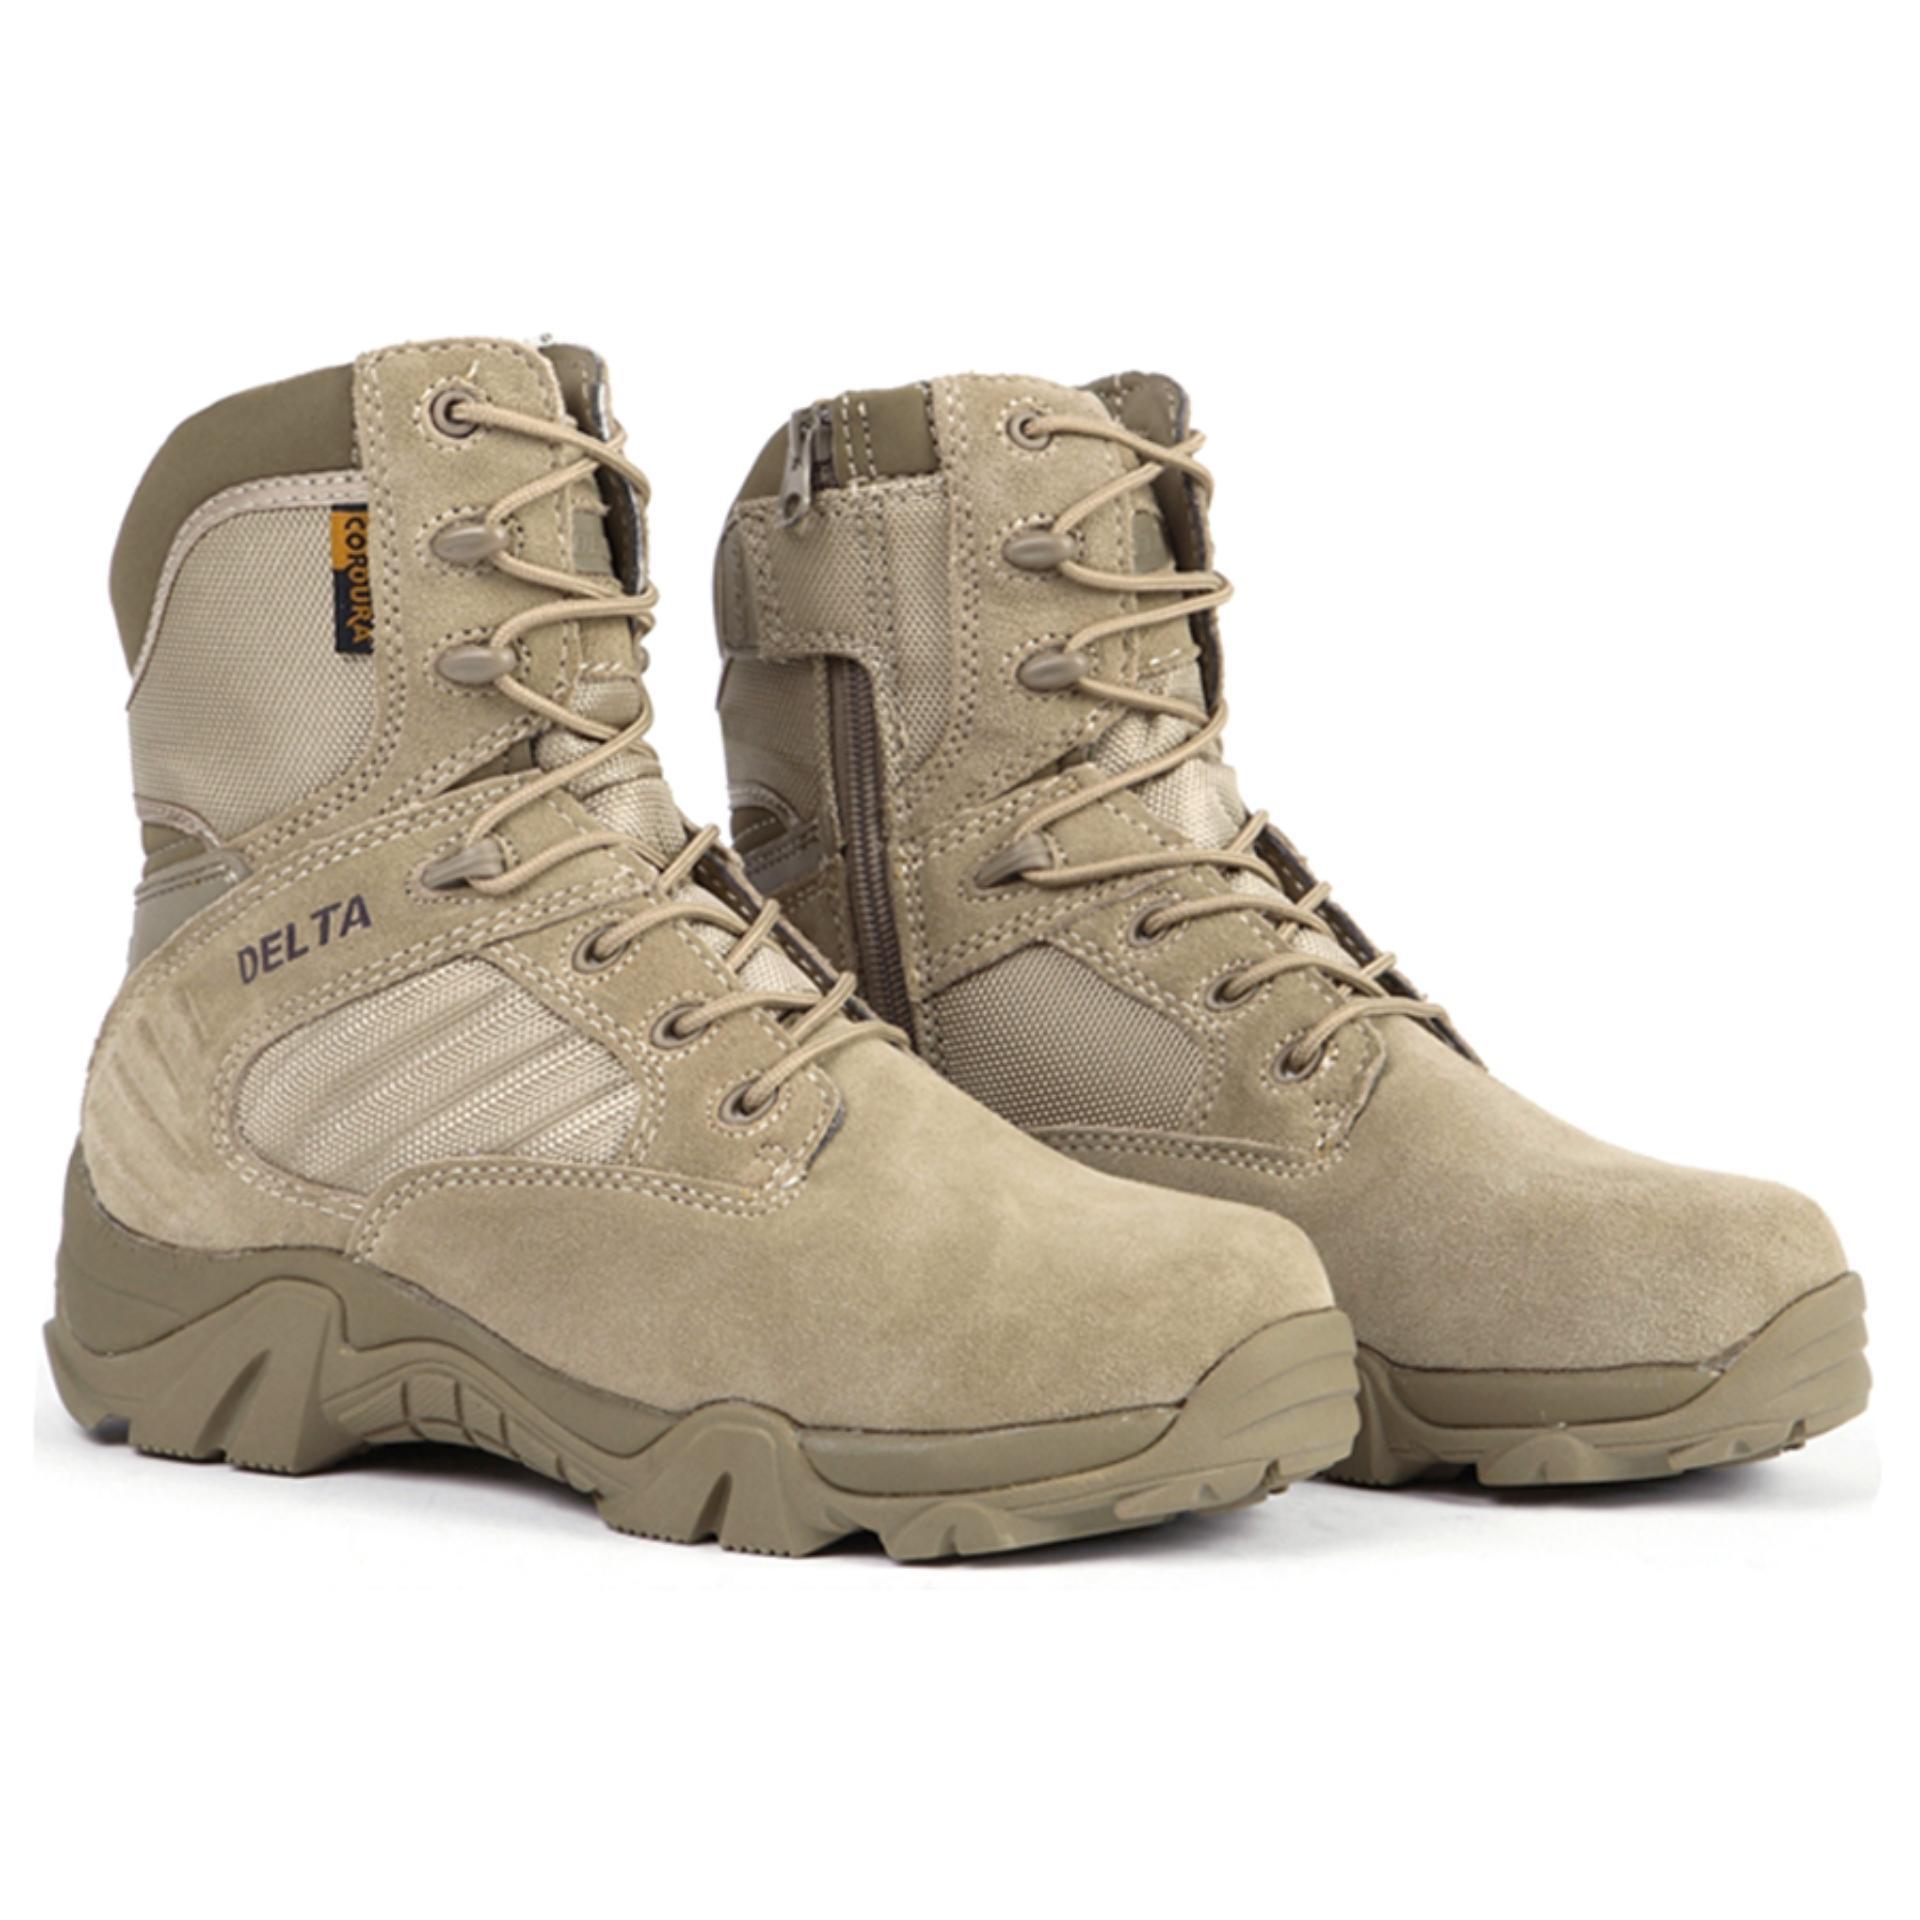 Harga Delta 516A Sepatu Pria Tactical Outdoor Coklat Delta Baru